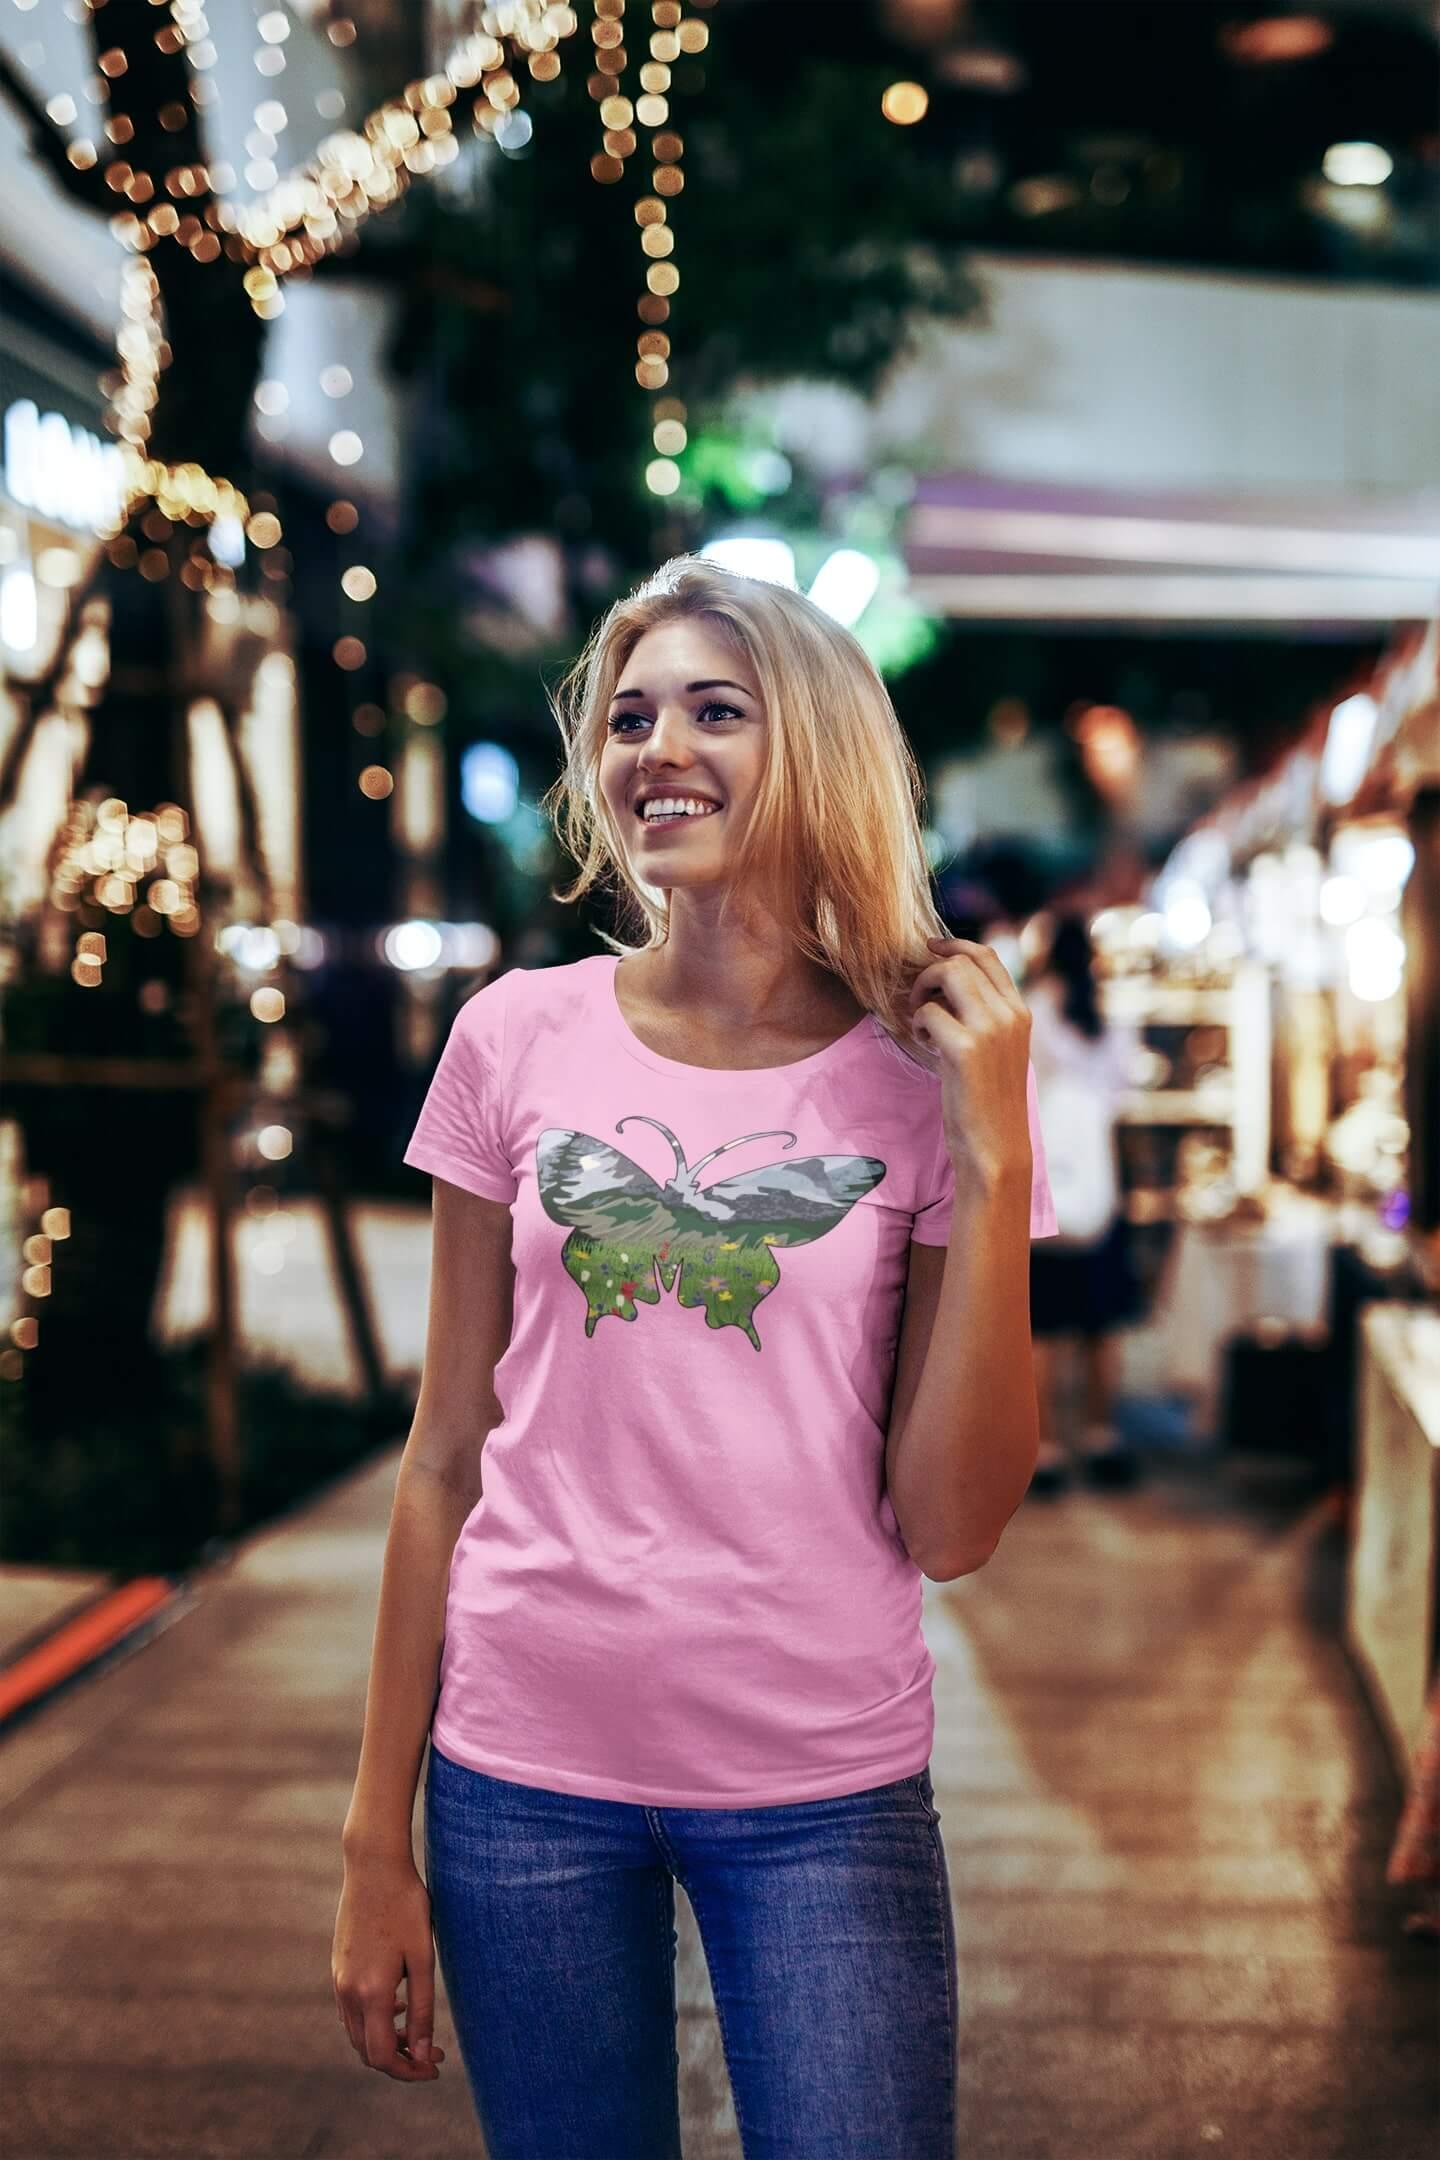 MMO Dámske tričko Motýľ Vyberte farbu: Ružová, Vyberte veľkosť: S